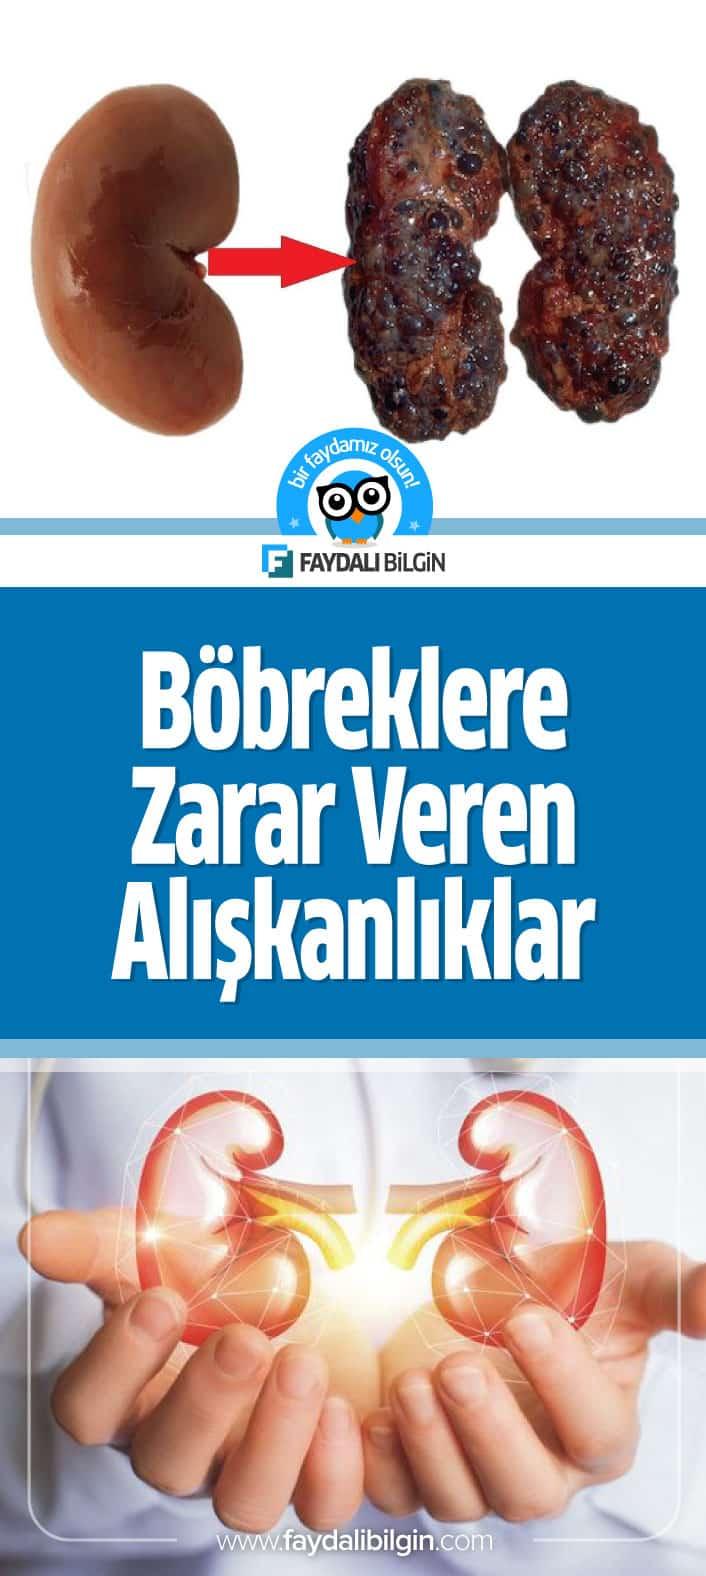 Böbreklere zarar veren ve böbrekleri bitiren genel sağlığınız için tehlike oluşturan alışkanlıkları sizin için derledik. #böbrek #böbrekler #sağlık #zararları